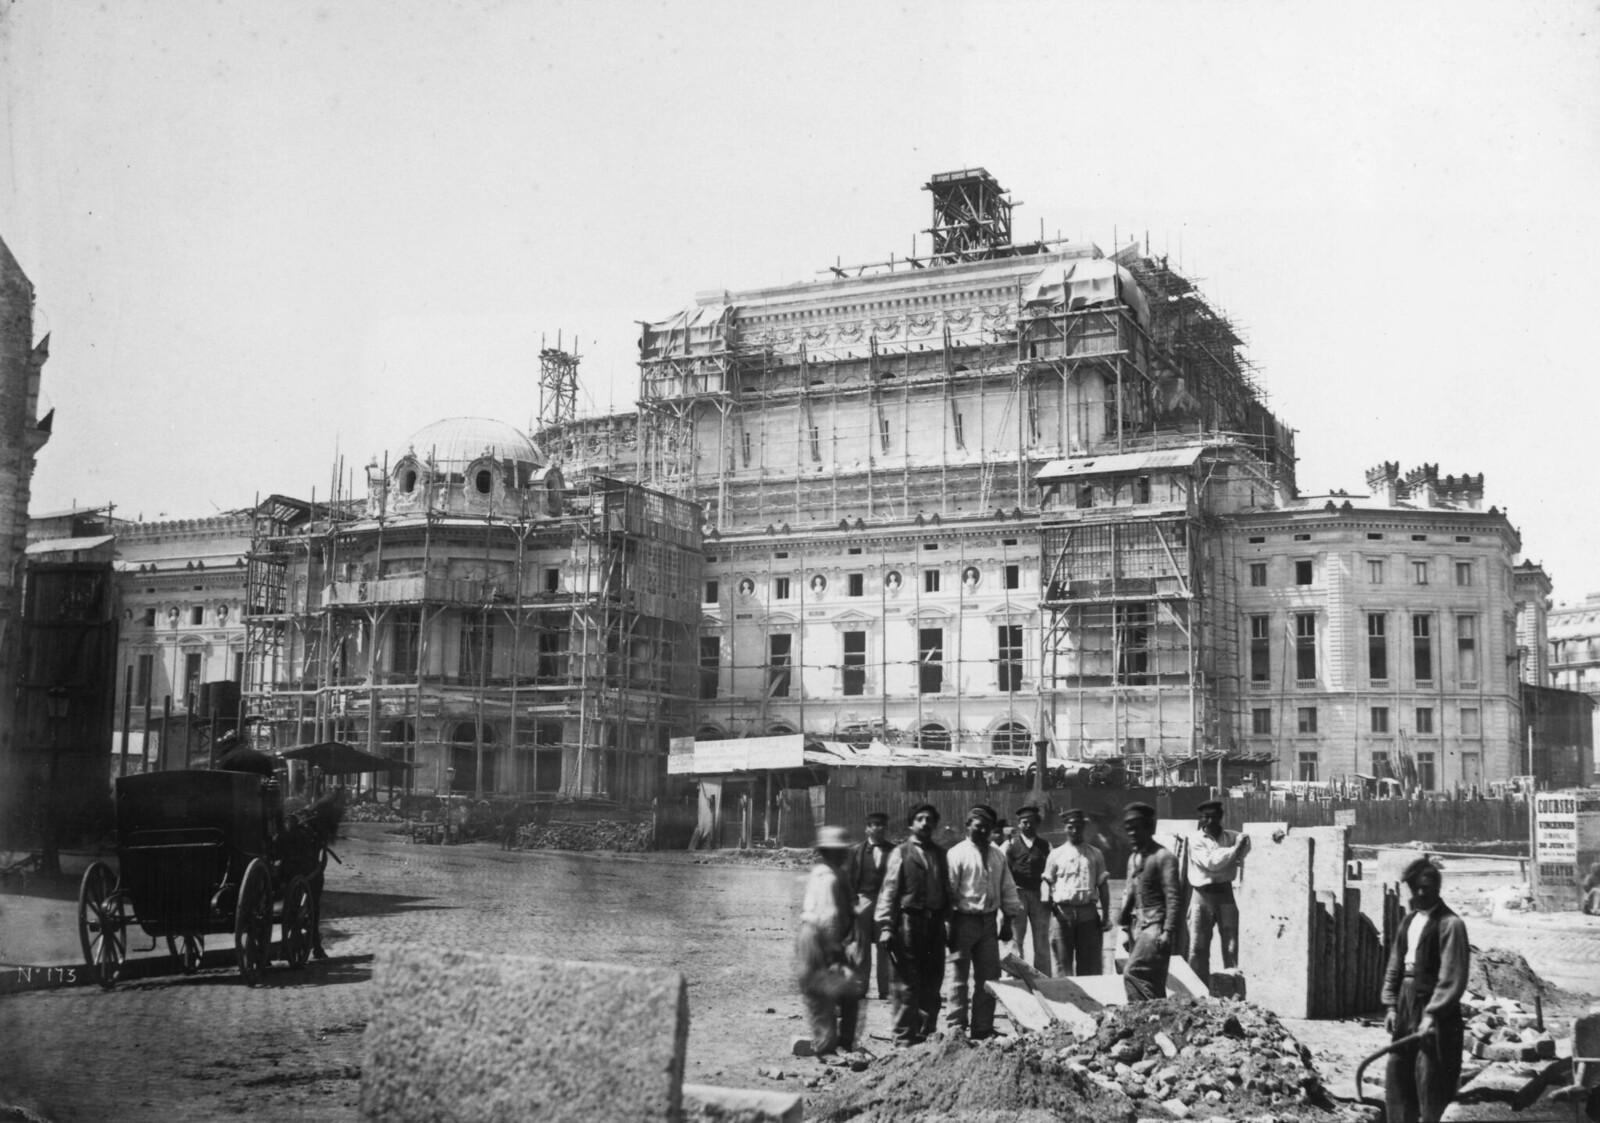 1870.  Группа из девяти рабочих стоит с плитами перед почти завершенным оперным театром, который покрыт лесами